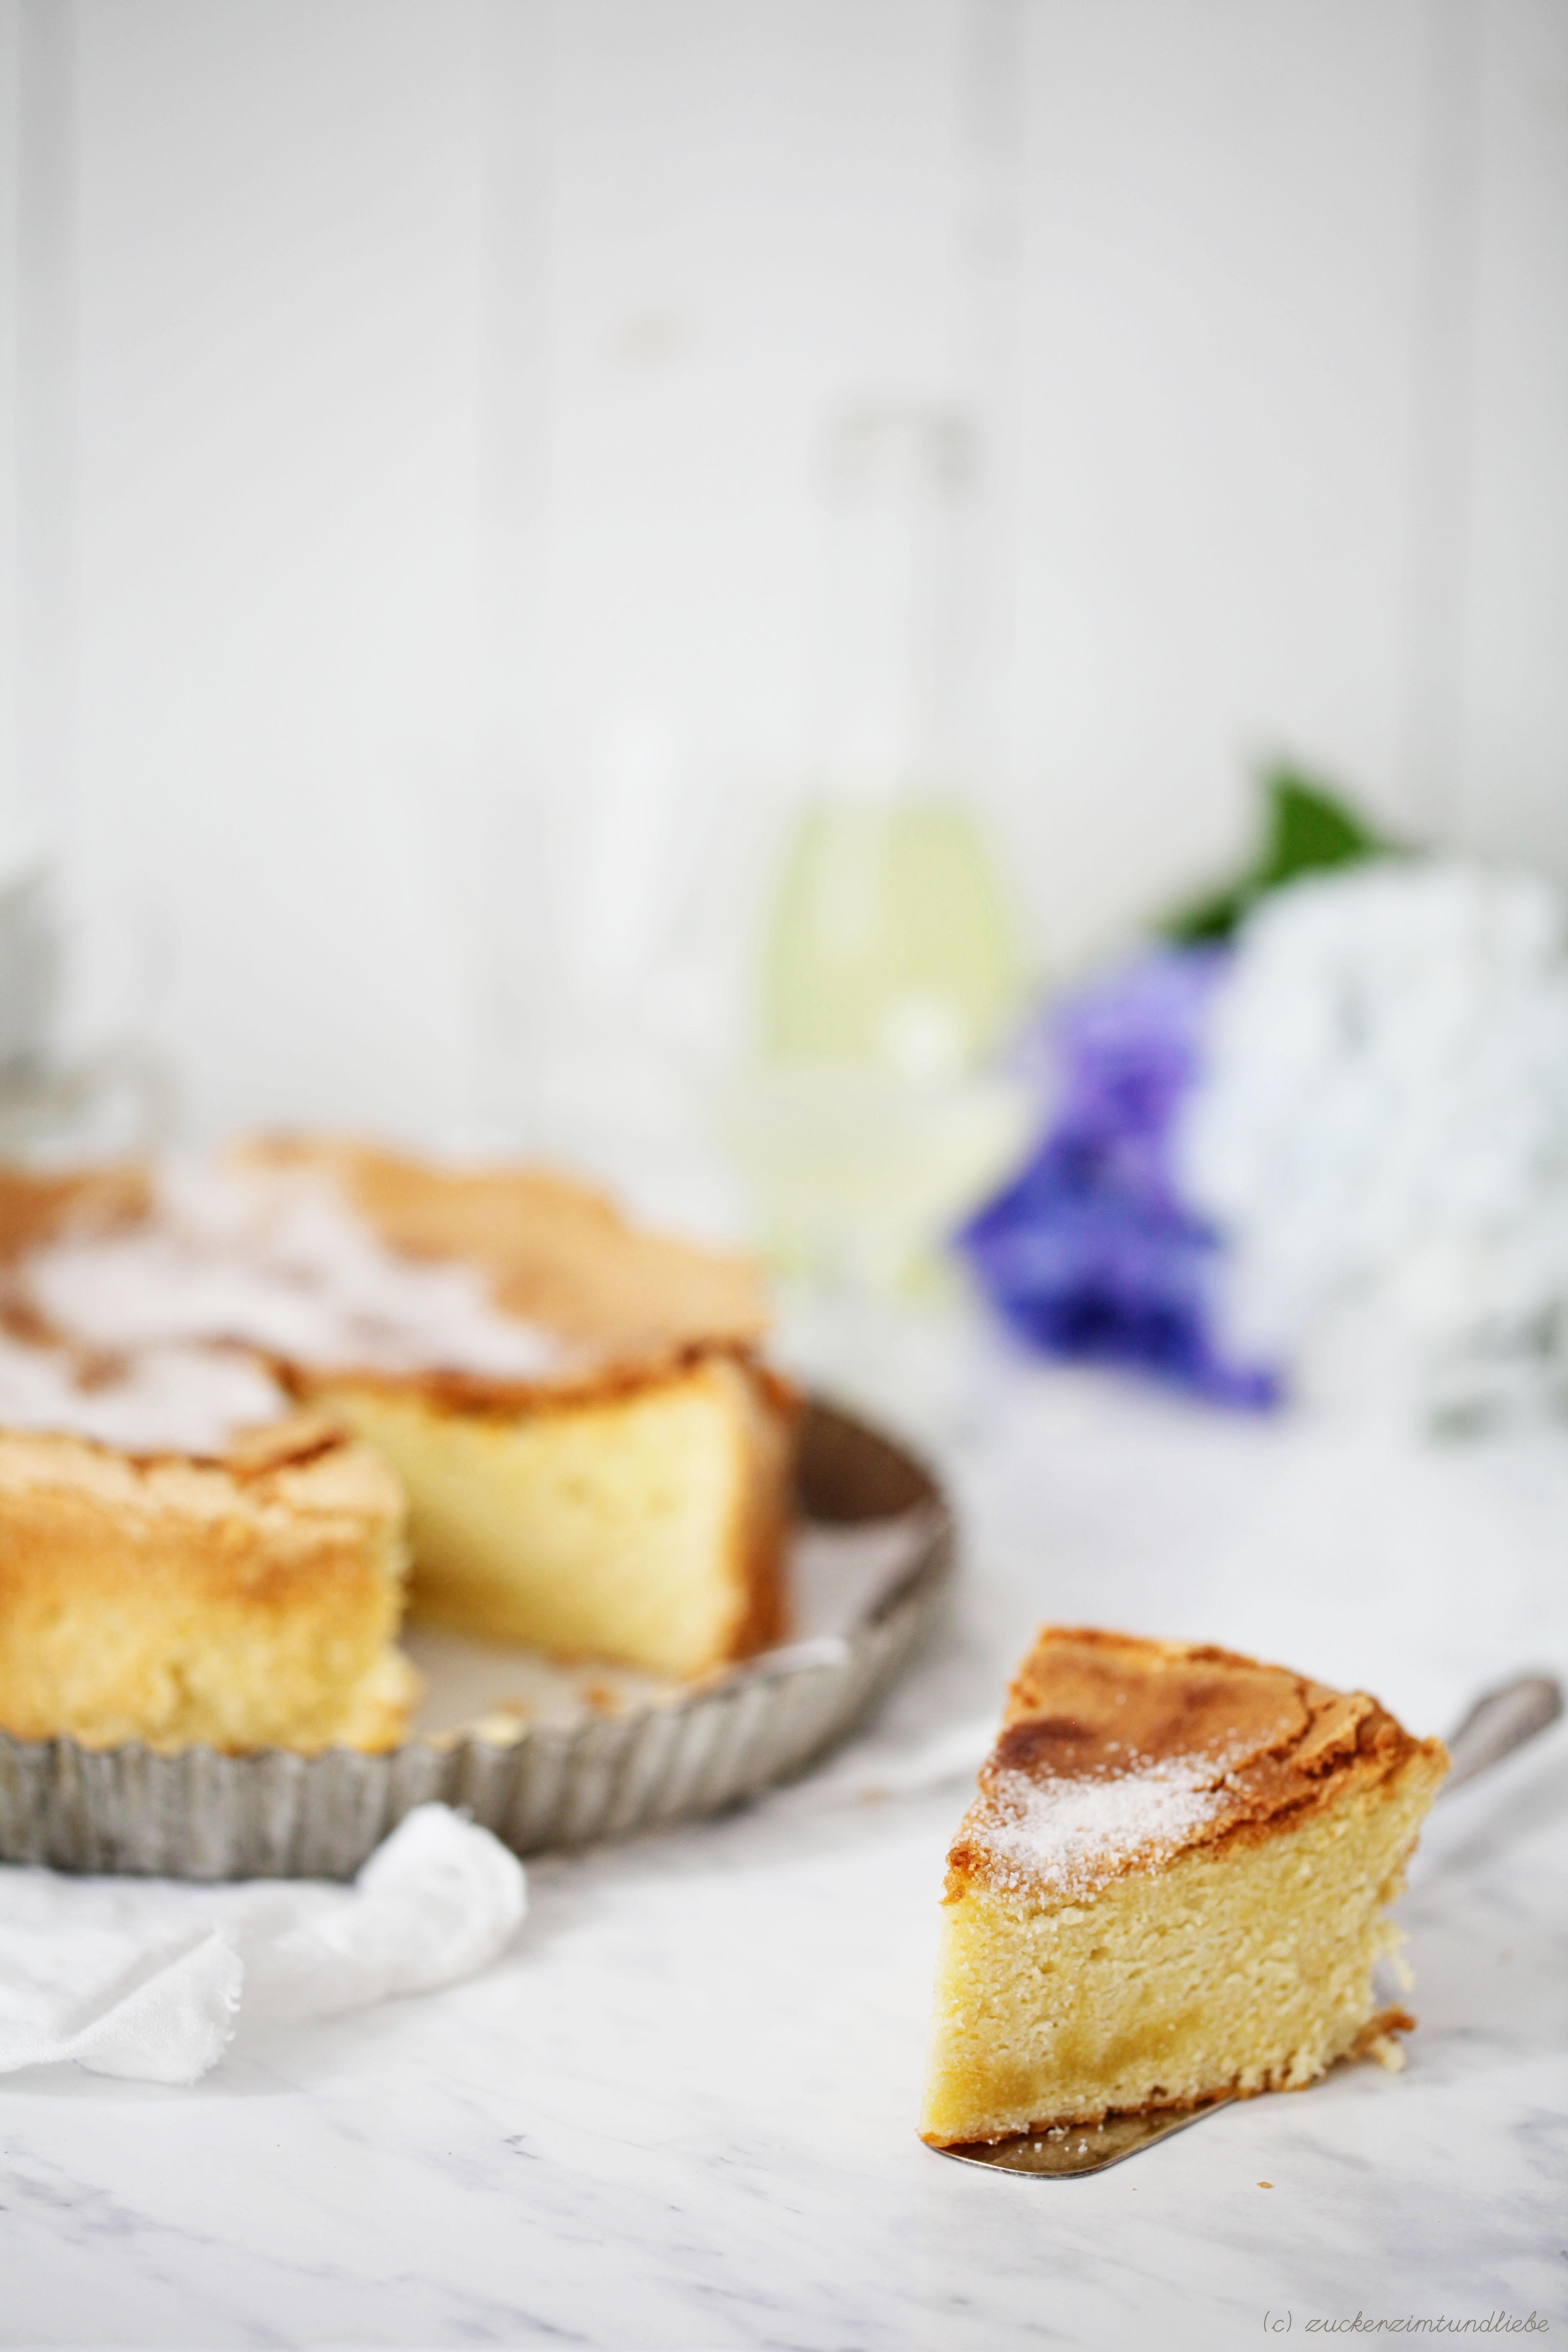 Olivenolkuchen Mit Limoncello Und Zuckerkruste Torta All Olio D